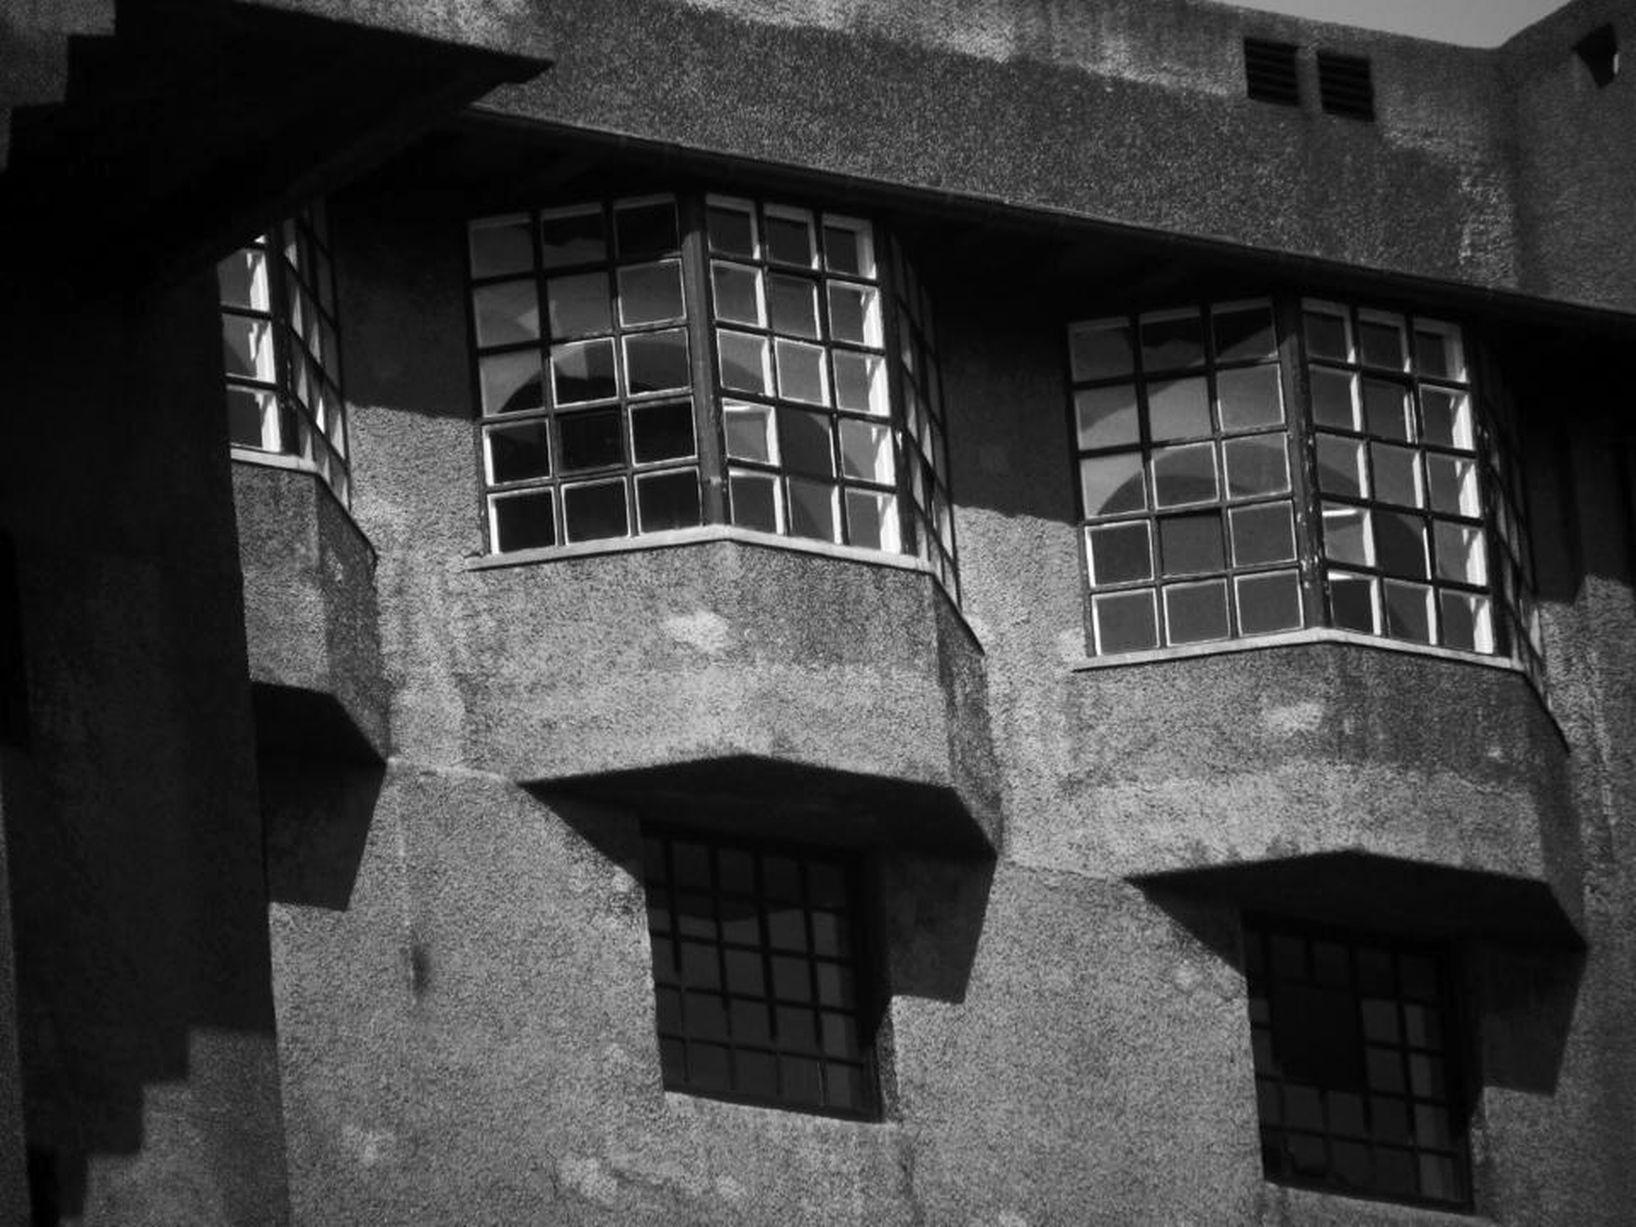 Glasgow School of Art from Charles Rennie Mackintosh exhibition